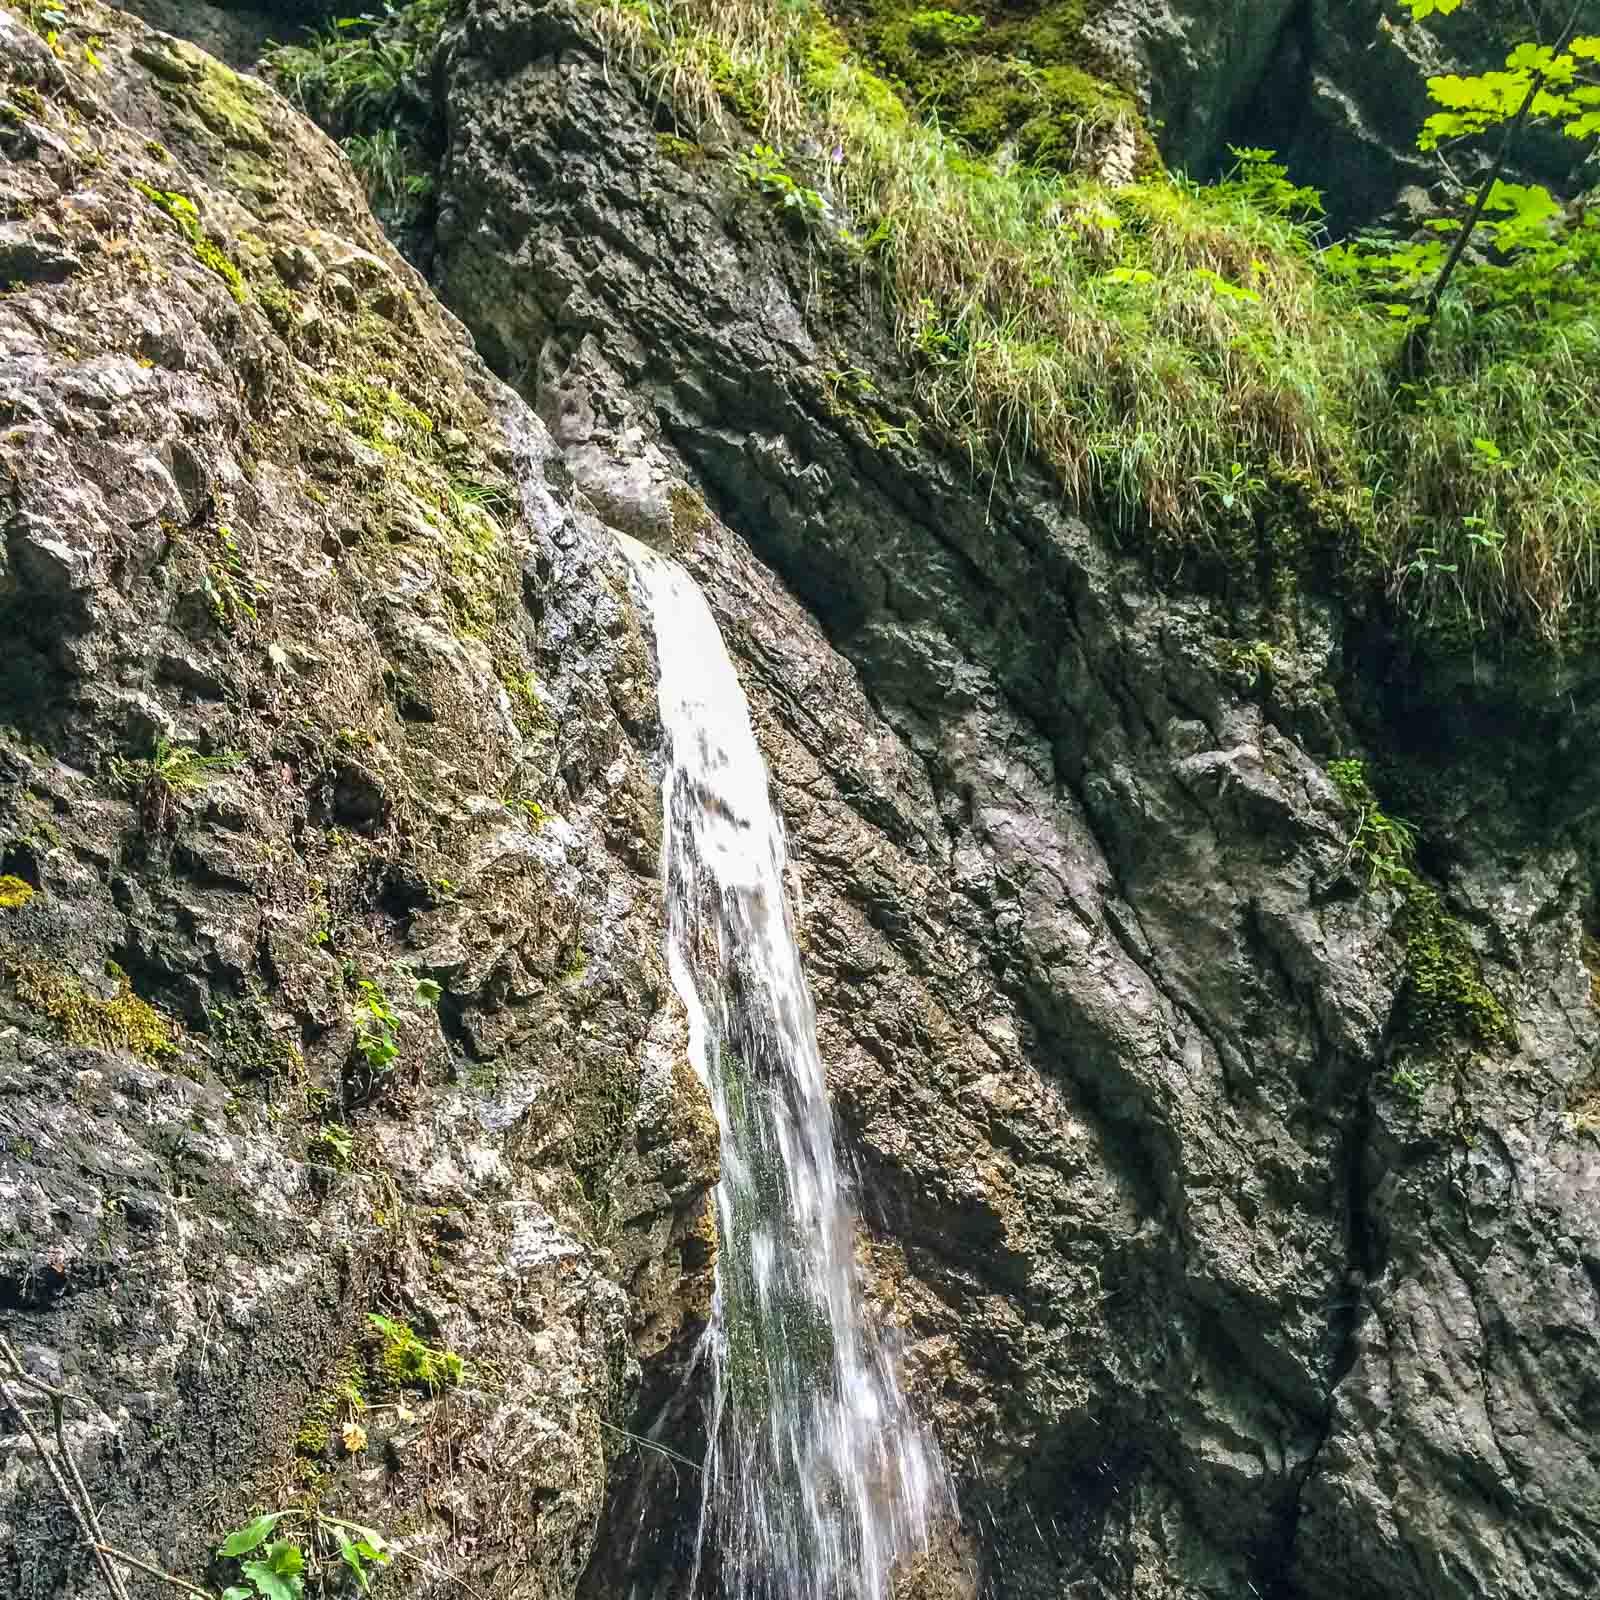 Aus allen Richtungen strömt Wasser in den kleinen Fluss. Die Wasserfälle im Slovensky Raj sind dabei bis zu 70 Meter hoch.